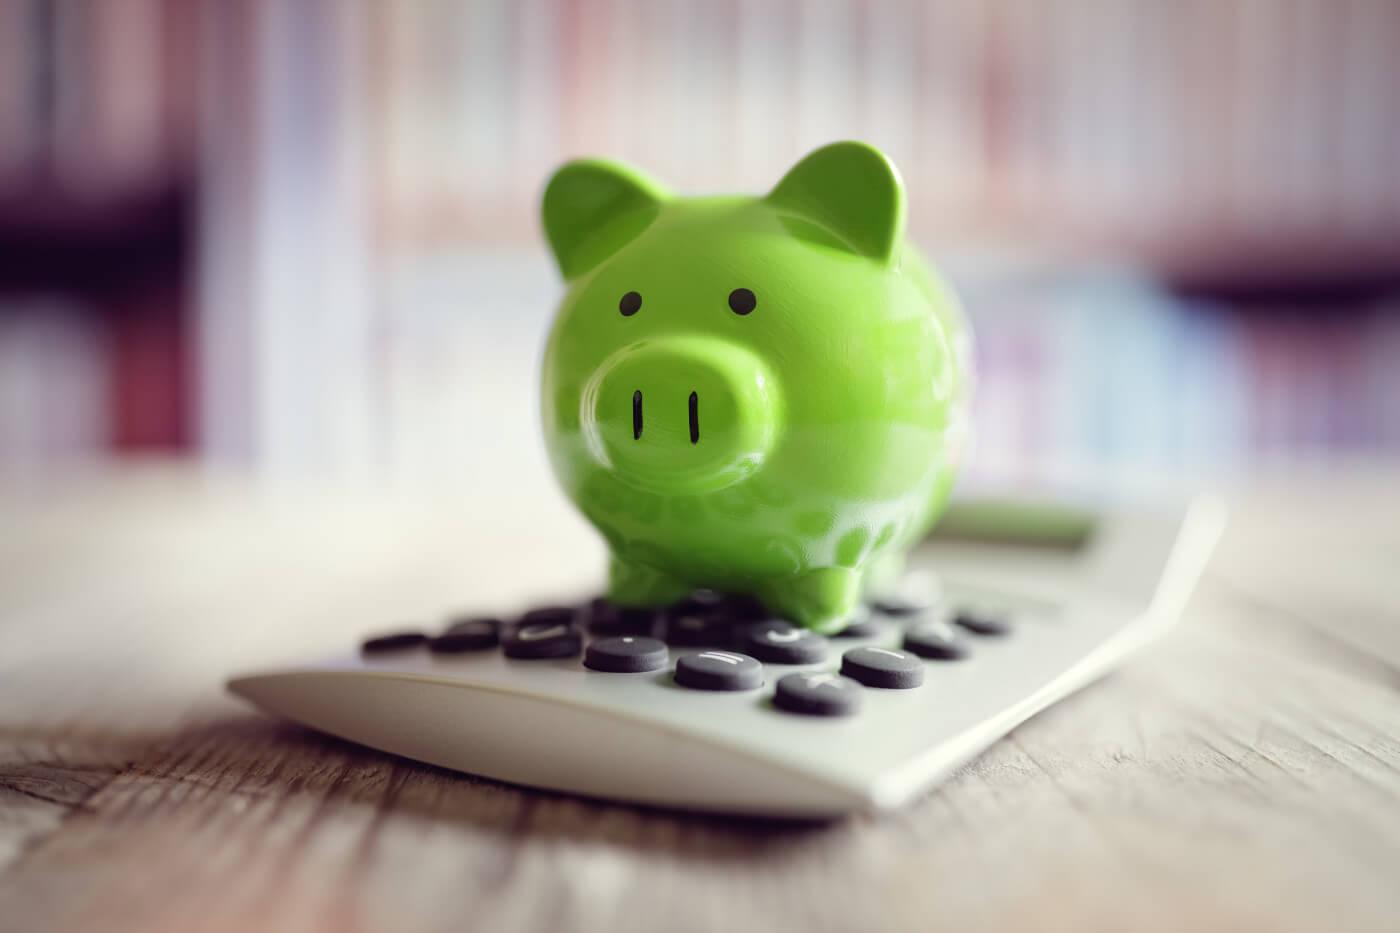 green piggy bank on a calculator